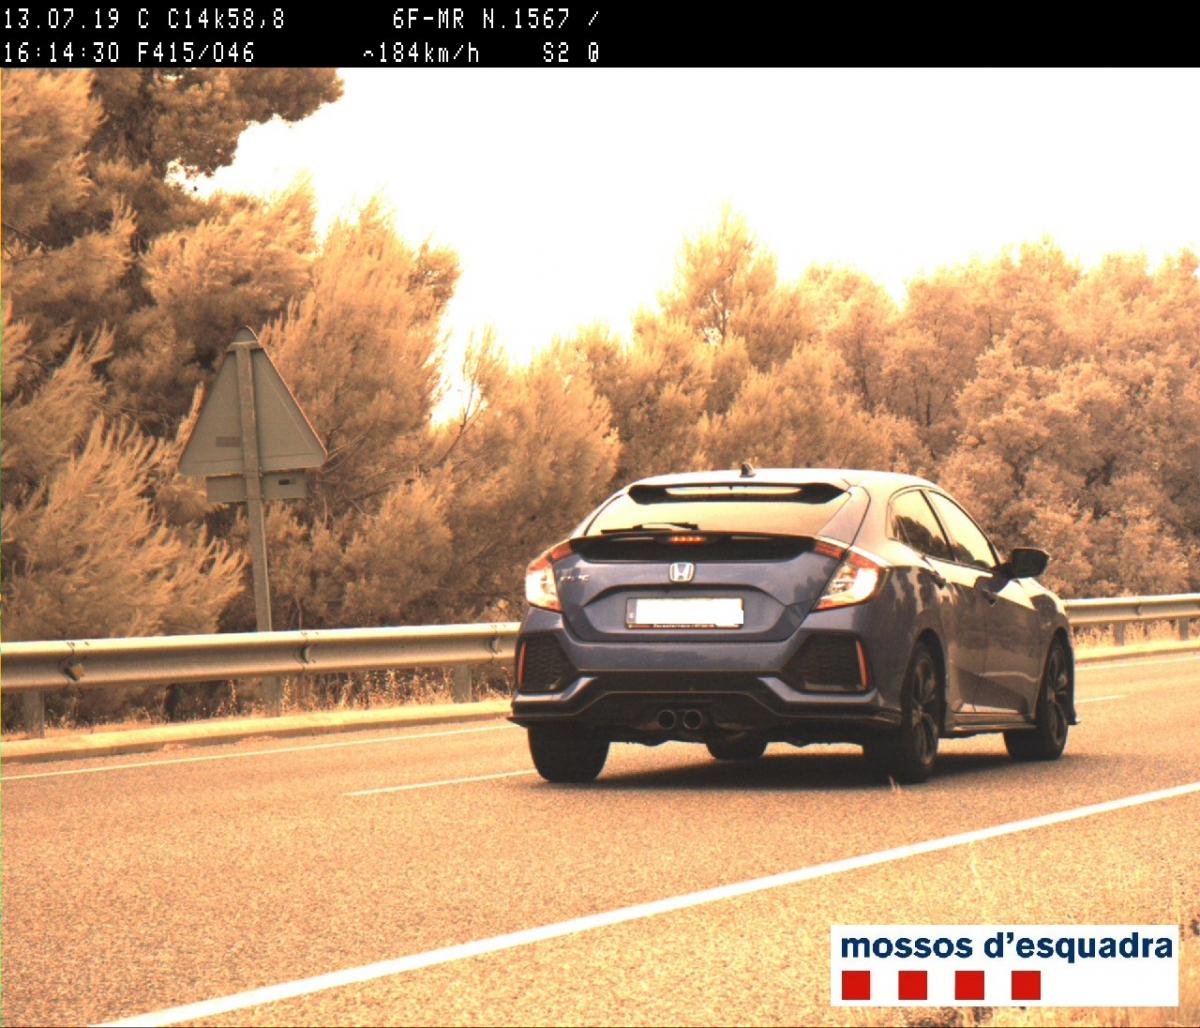 Fotografia captada pel radar dels Mossos d'Esquadra